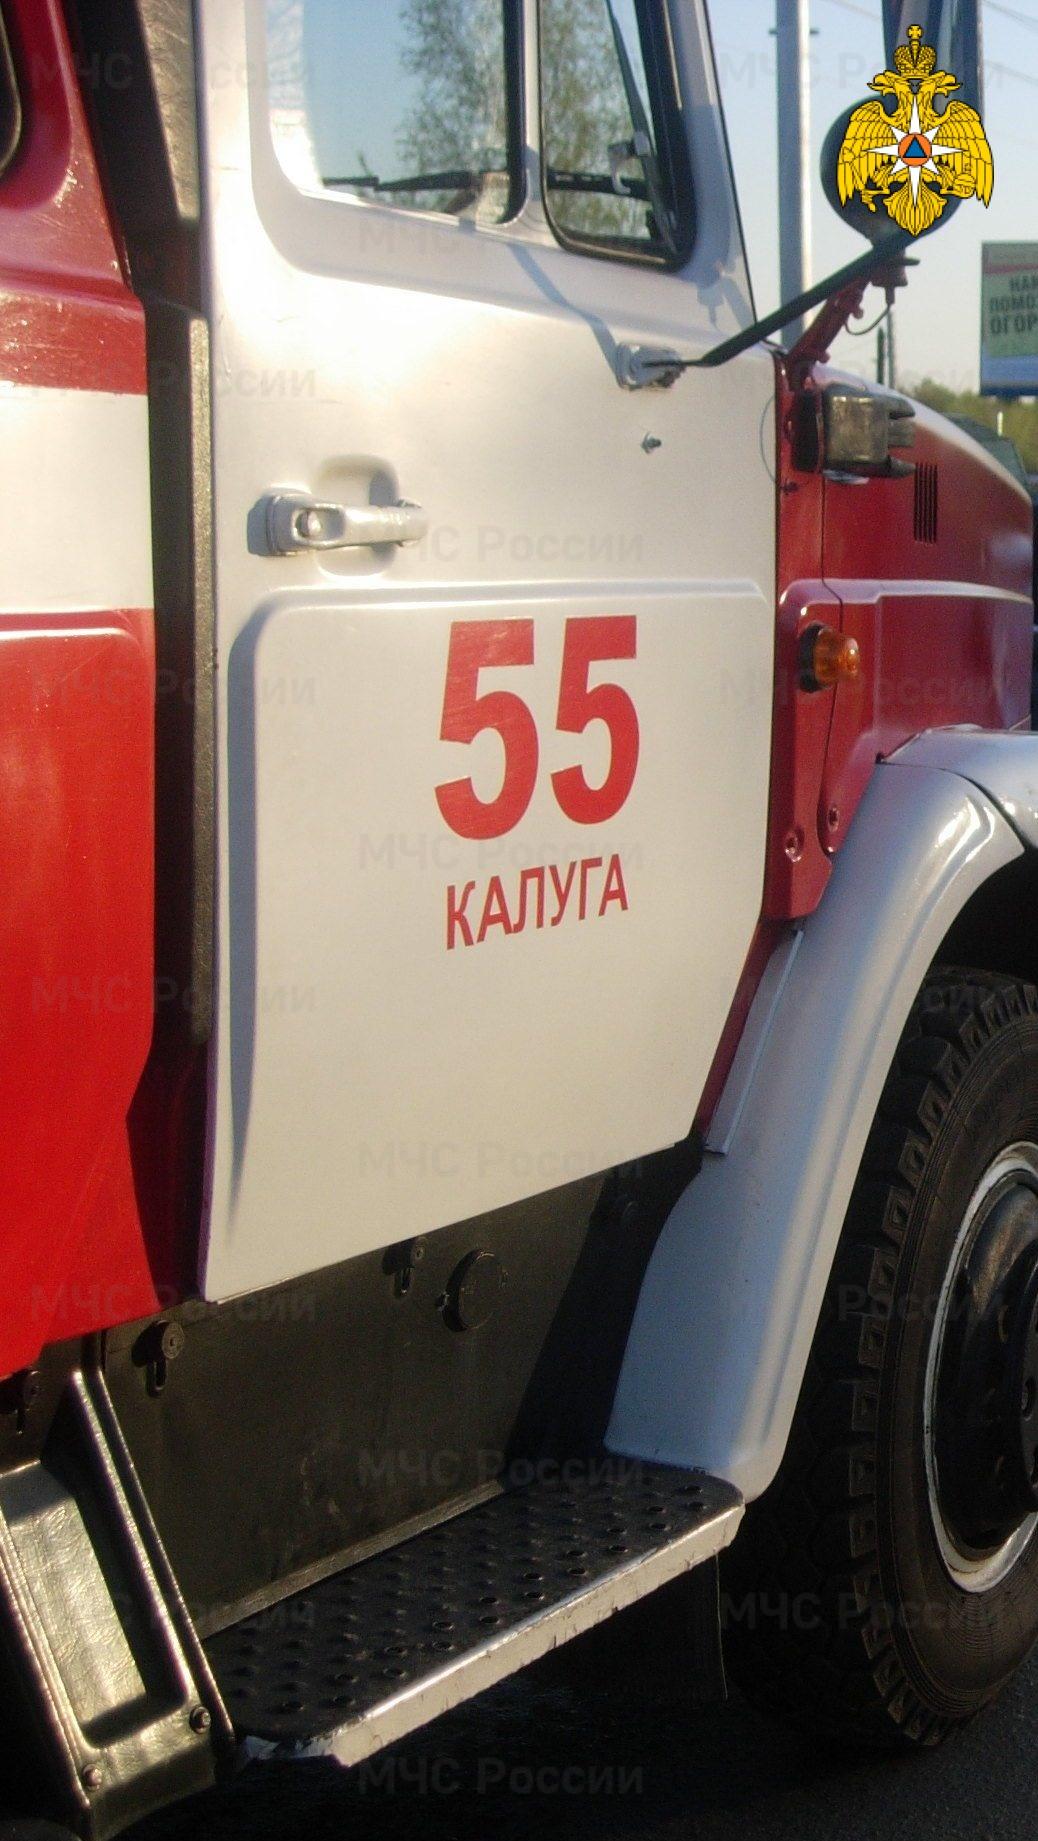 Спасатели МЧС принимали участие в ликвидации ДТП в г. Калуга, ул. Тарутинская